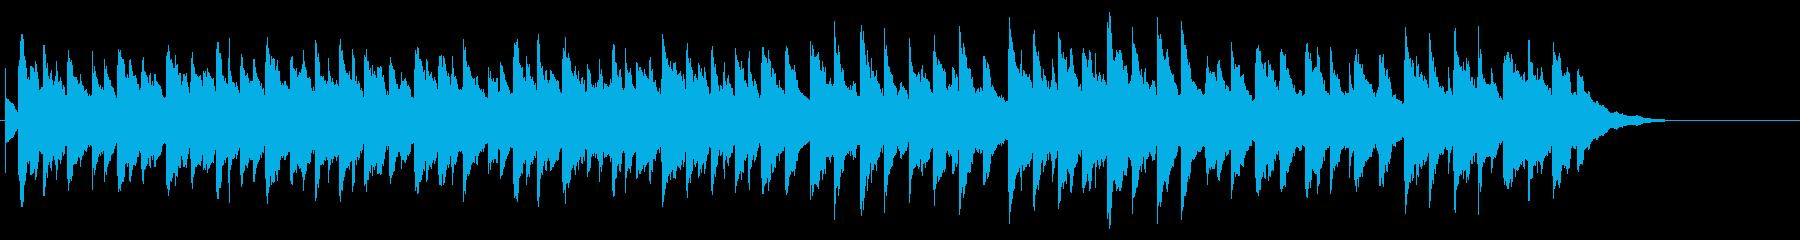 クリスマス曲「ジングルベル」オルゴールの再生済みの波形